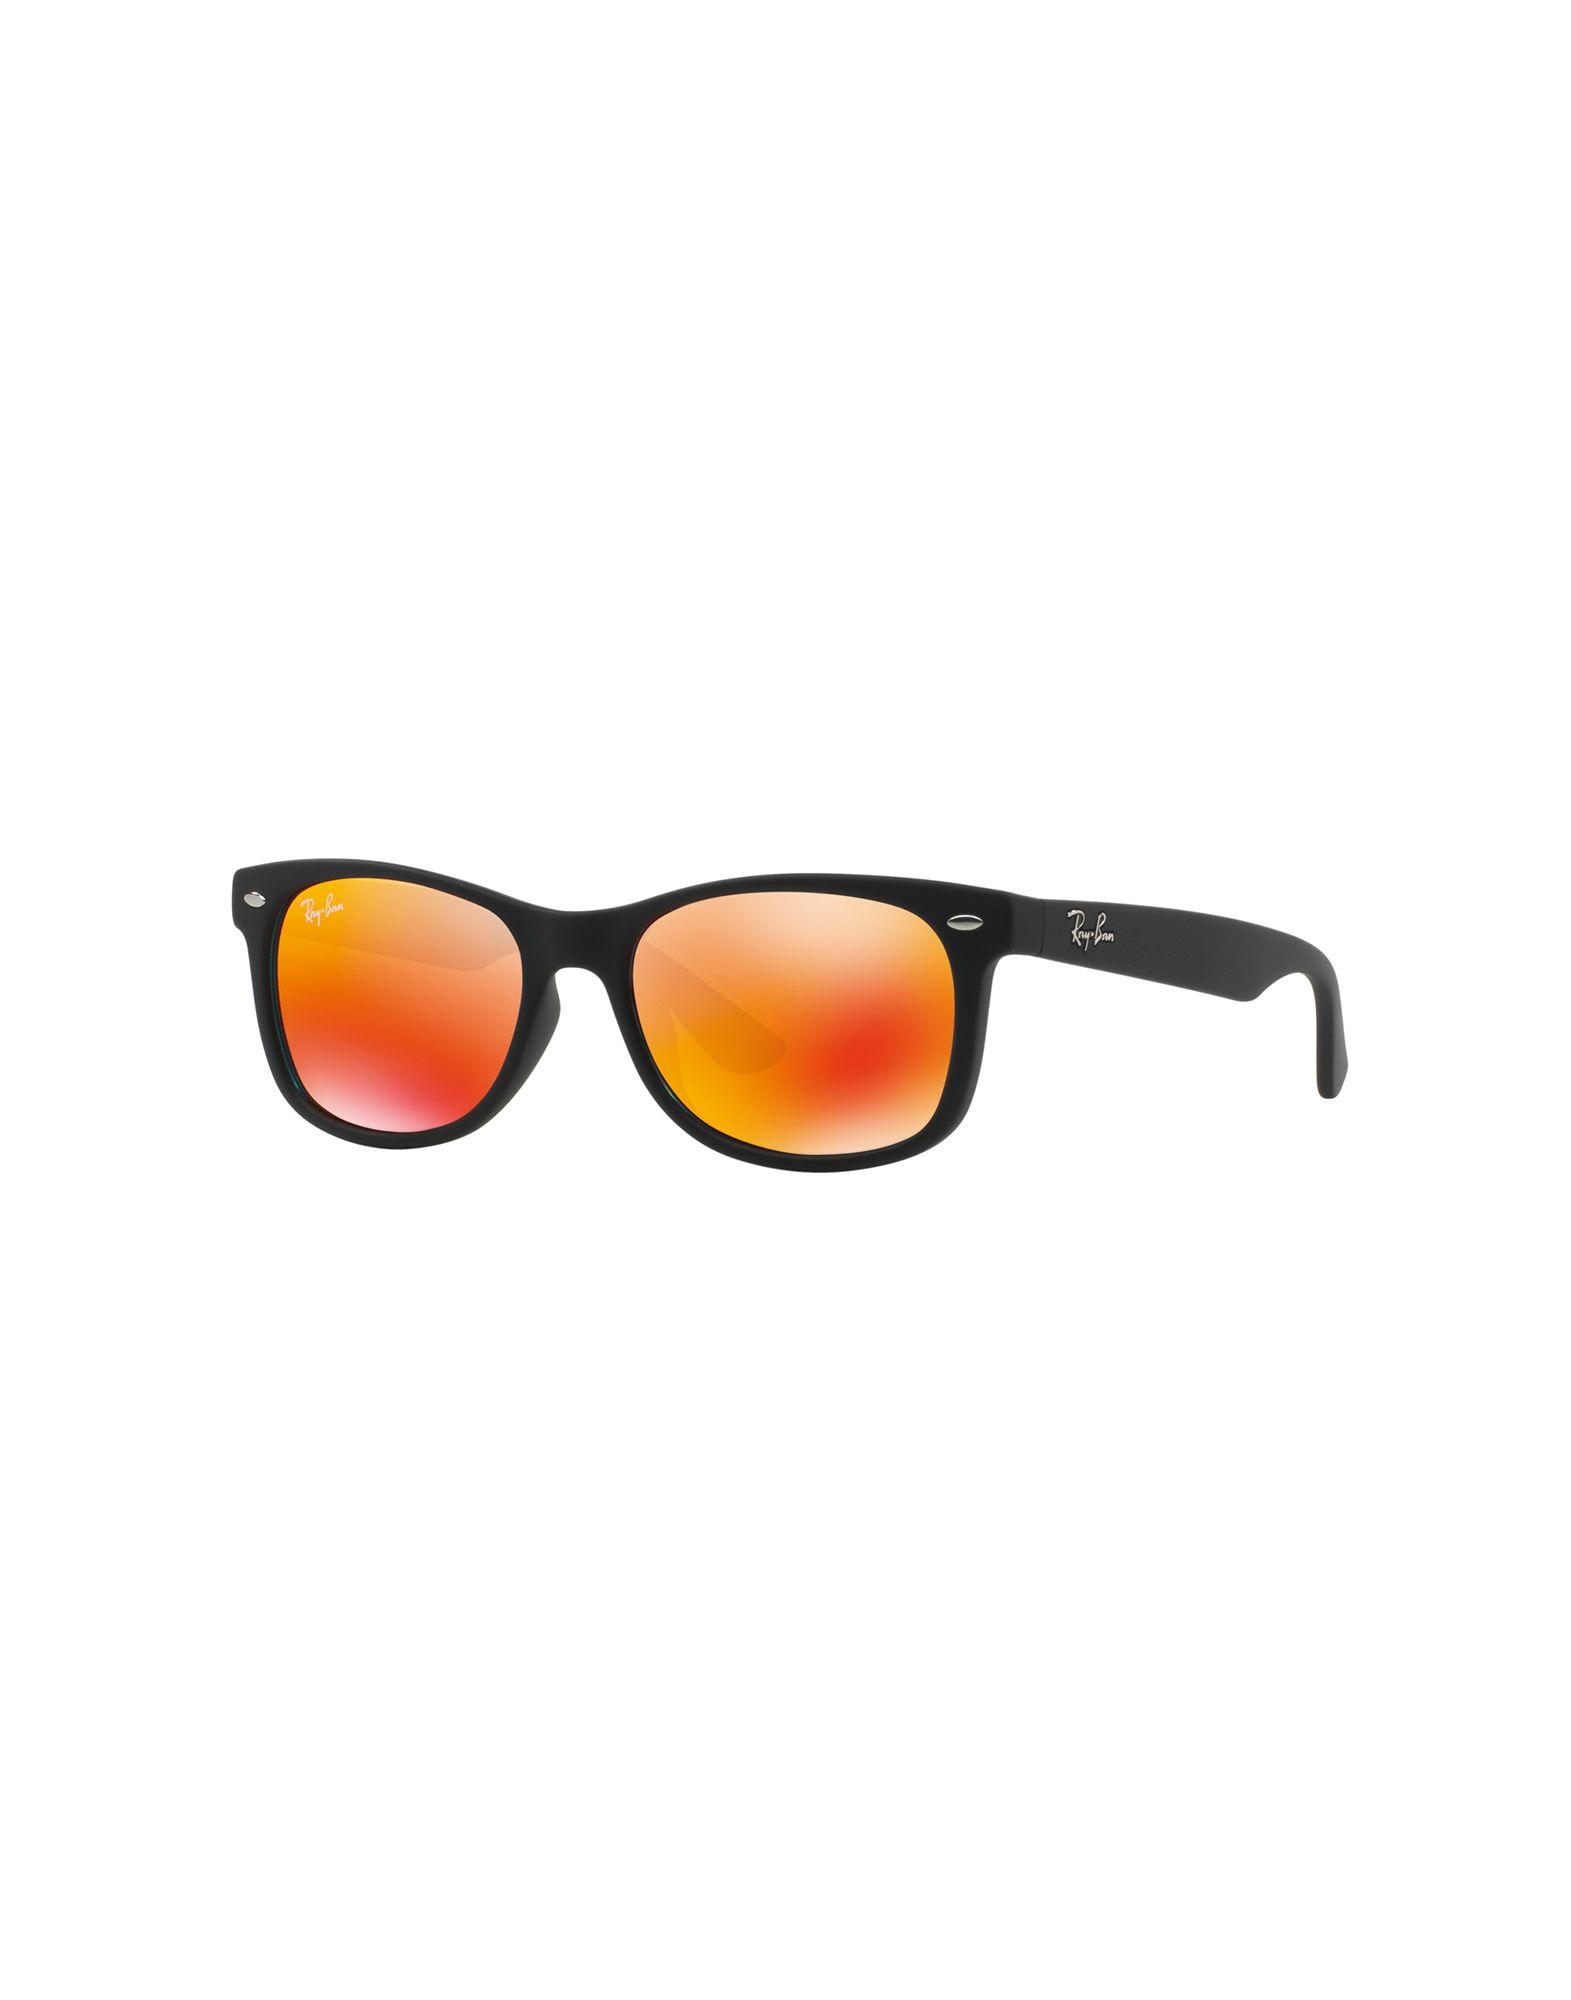 RAY-BAN JUNIOR Солнечные очки солнцезащитные очки ray ban rayban rb 3362 001